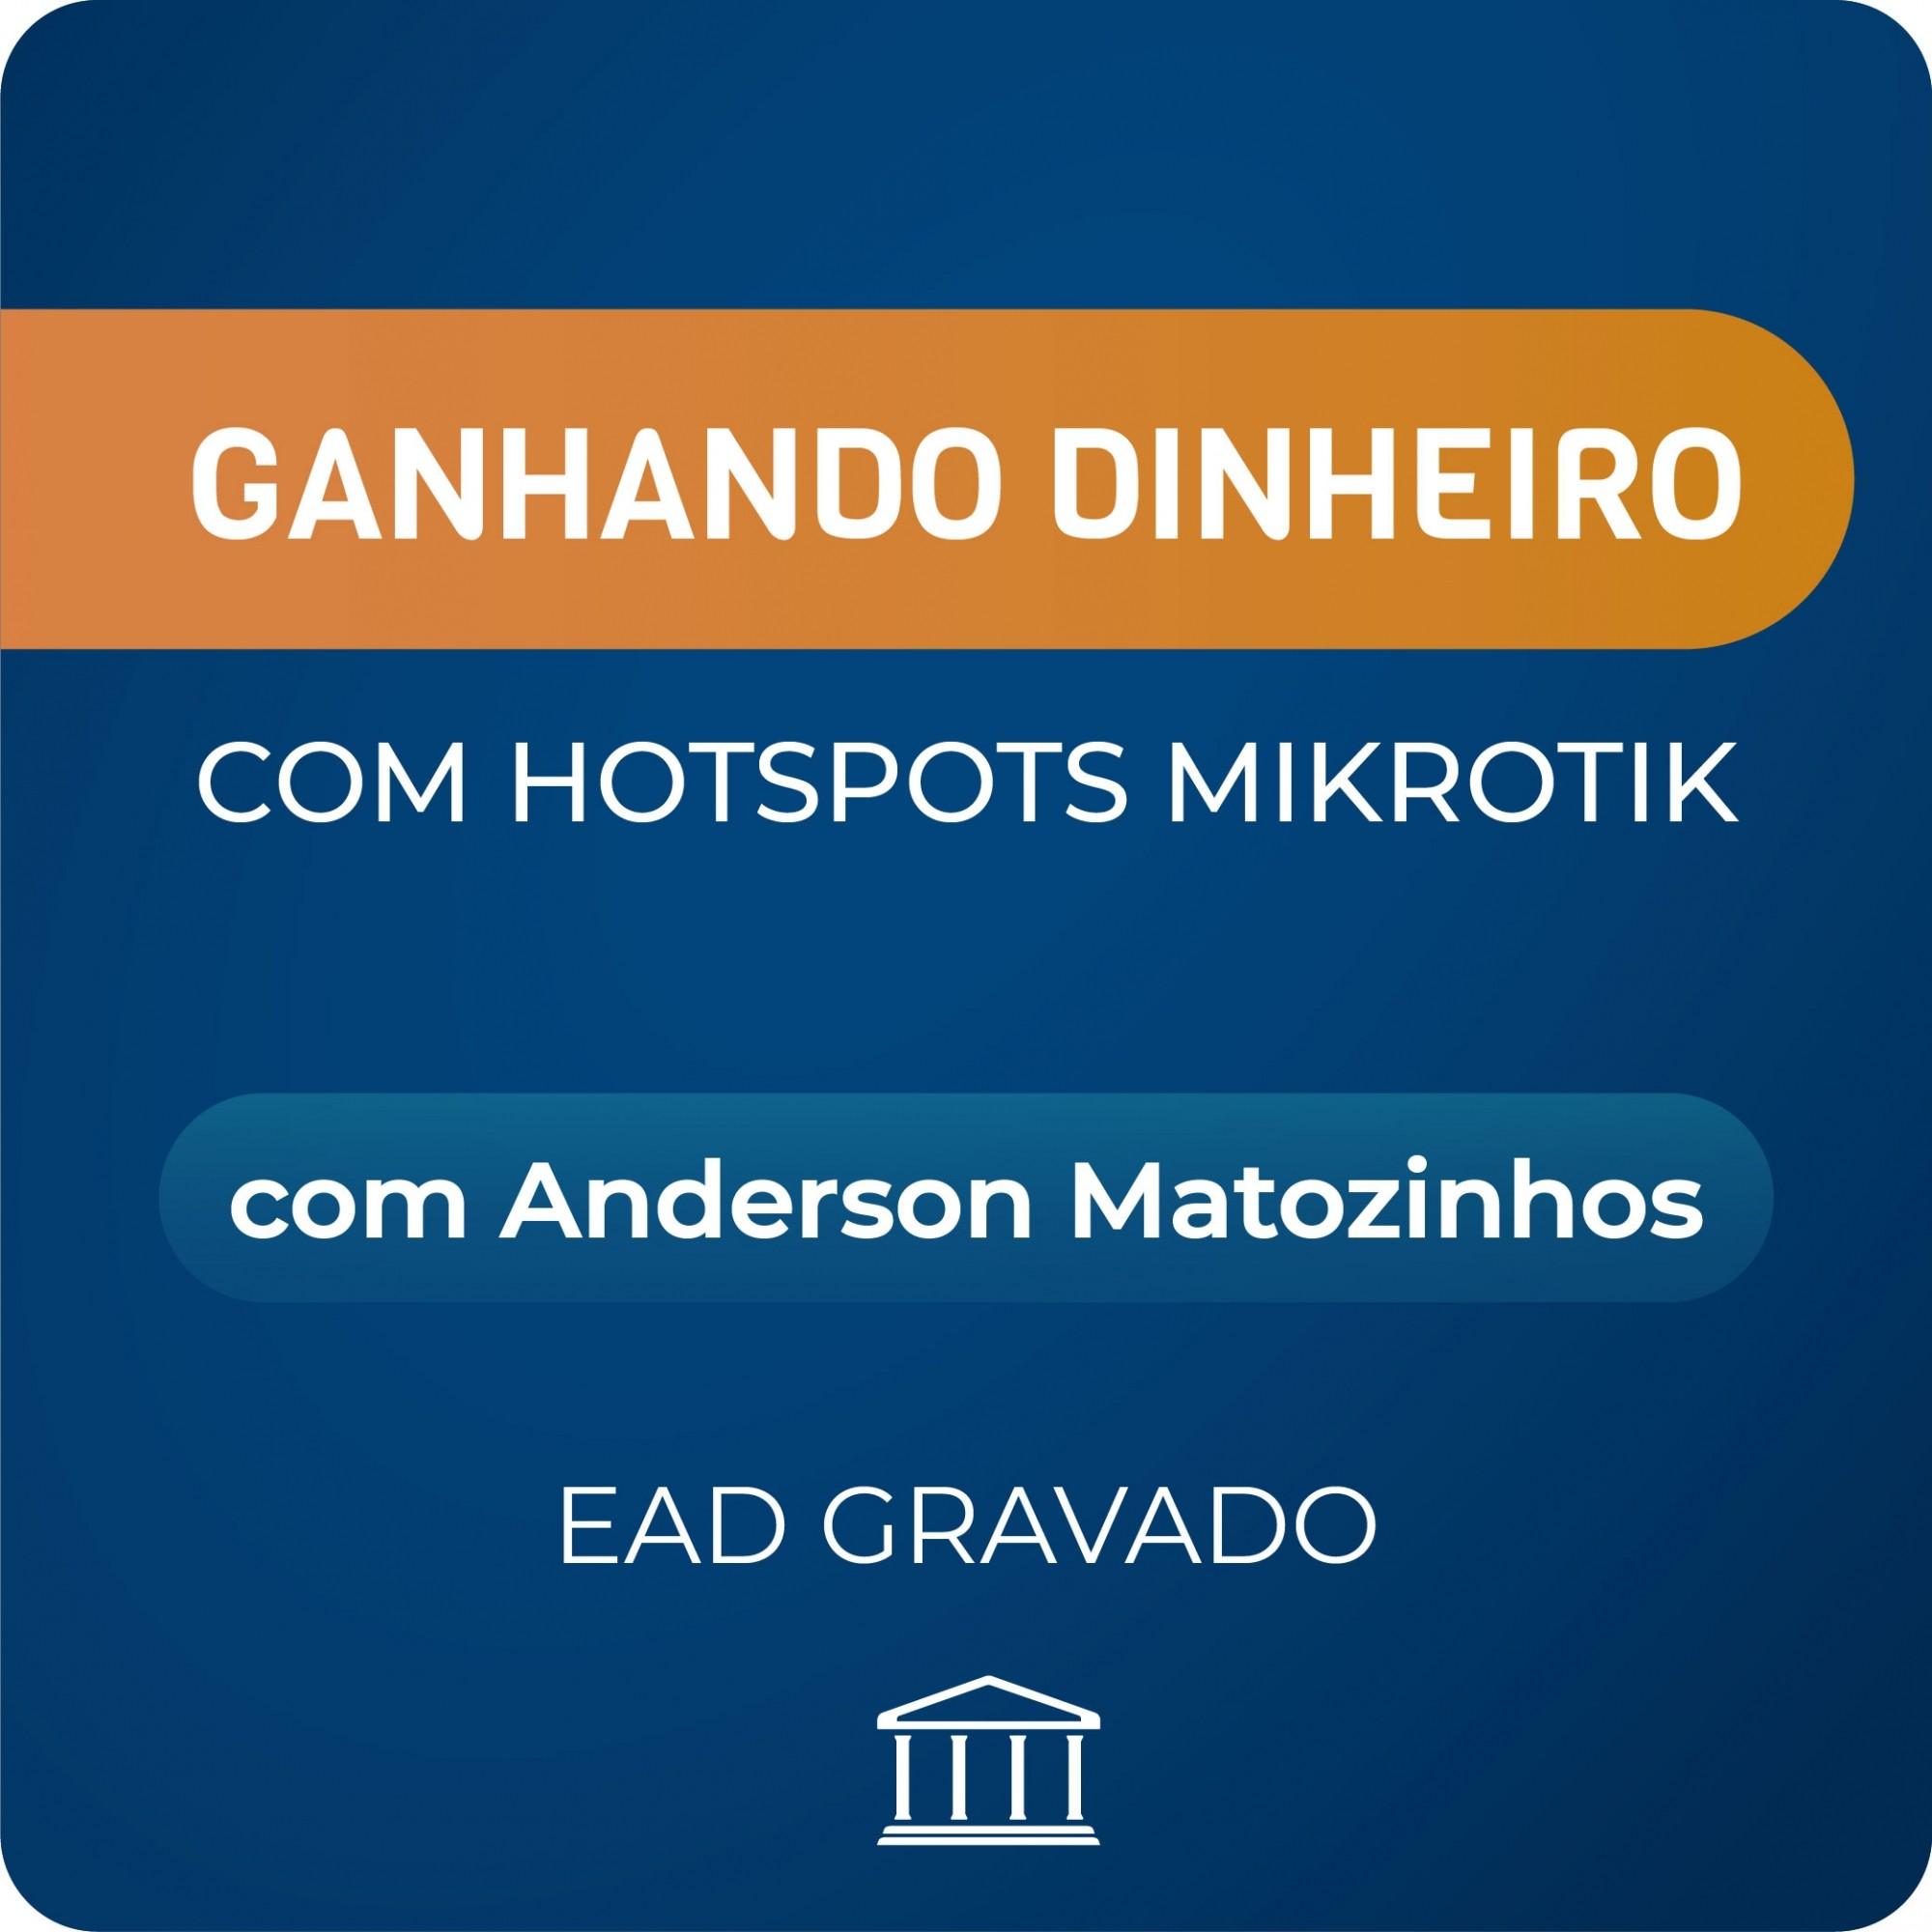 Ganhando Dinheiro com Hotspots Mikrotik com Anderson Matozinhos - GRAVADO  - Voz e Dados